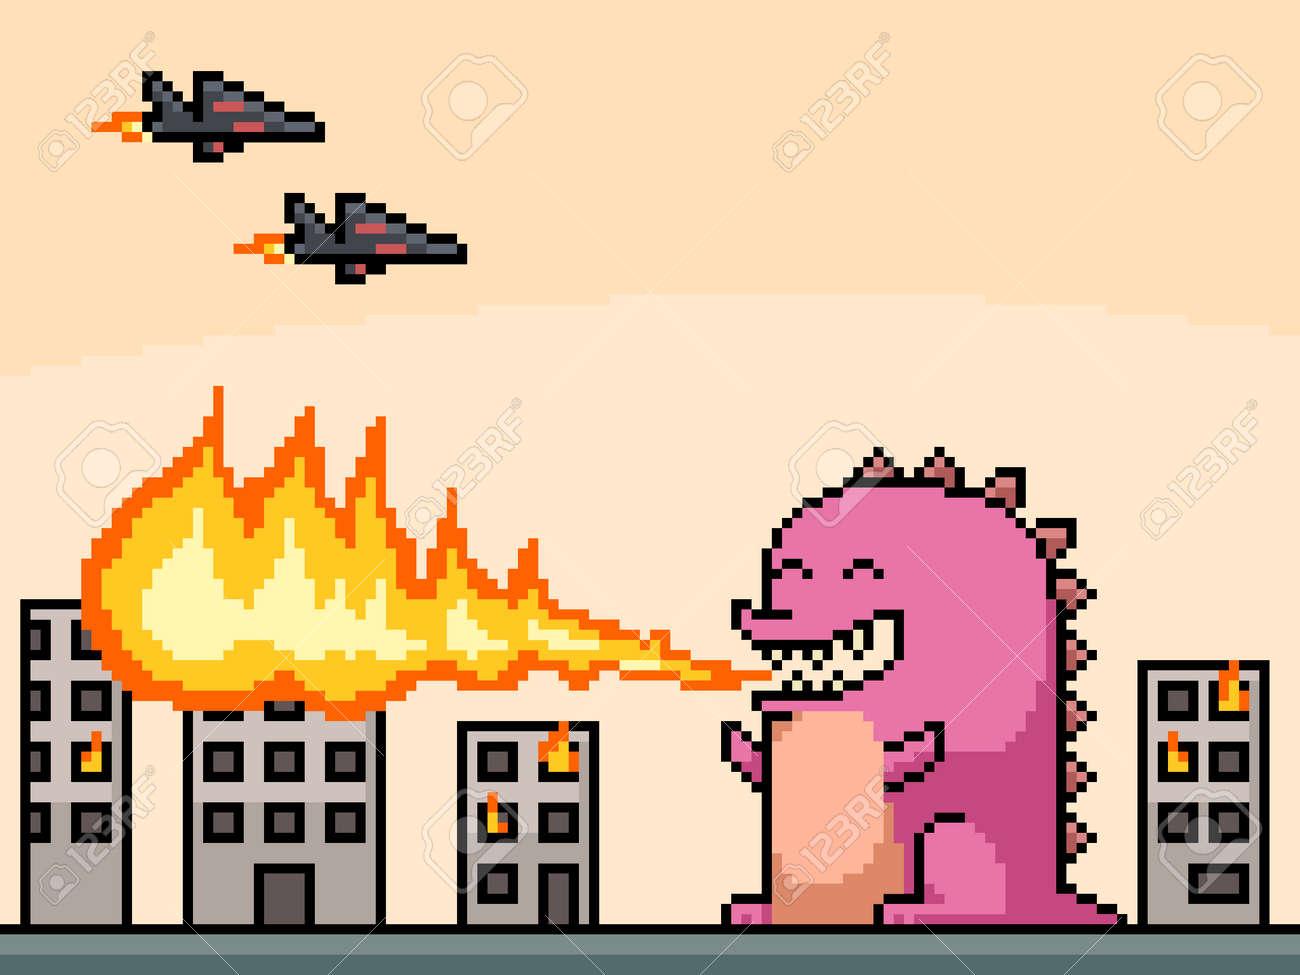 pixel art of monster burning town - 167375211